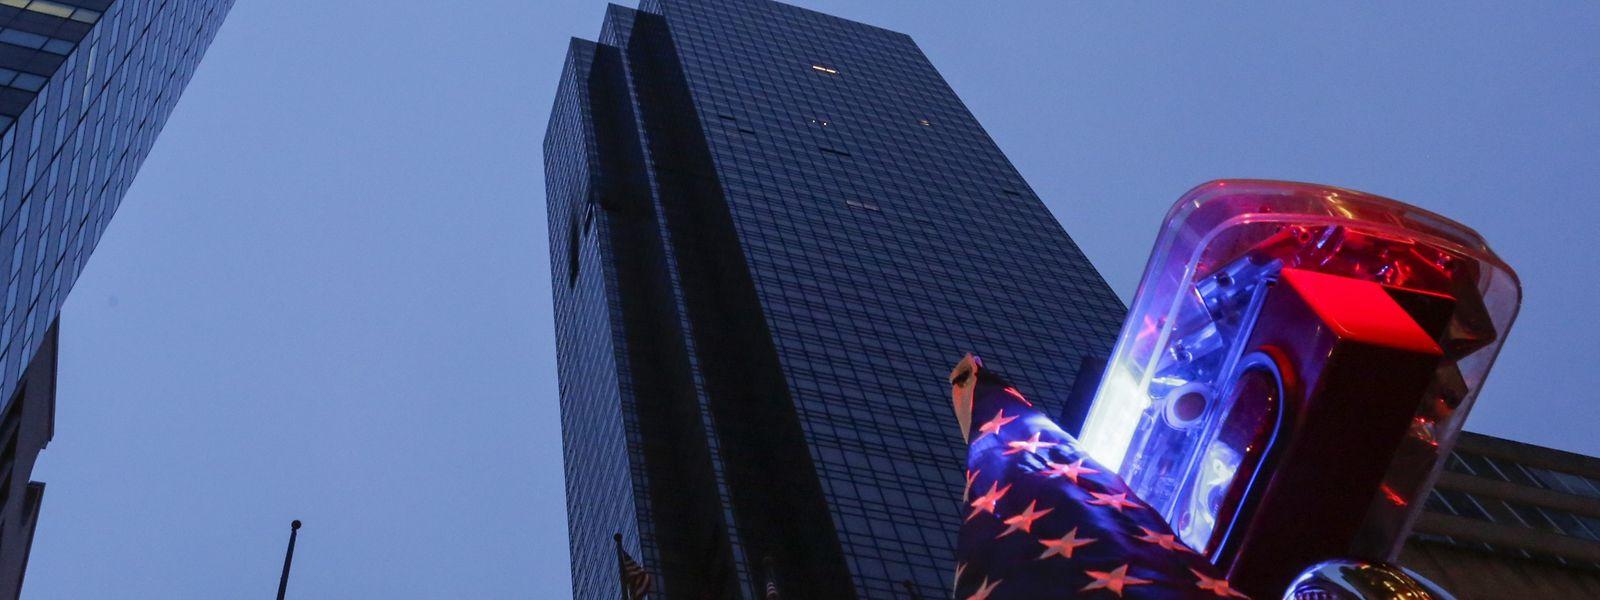 Kaputte und verbrannte Fenster: Das Feuer brach in der 50. Etage des Trump Towers aus.